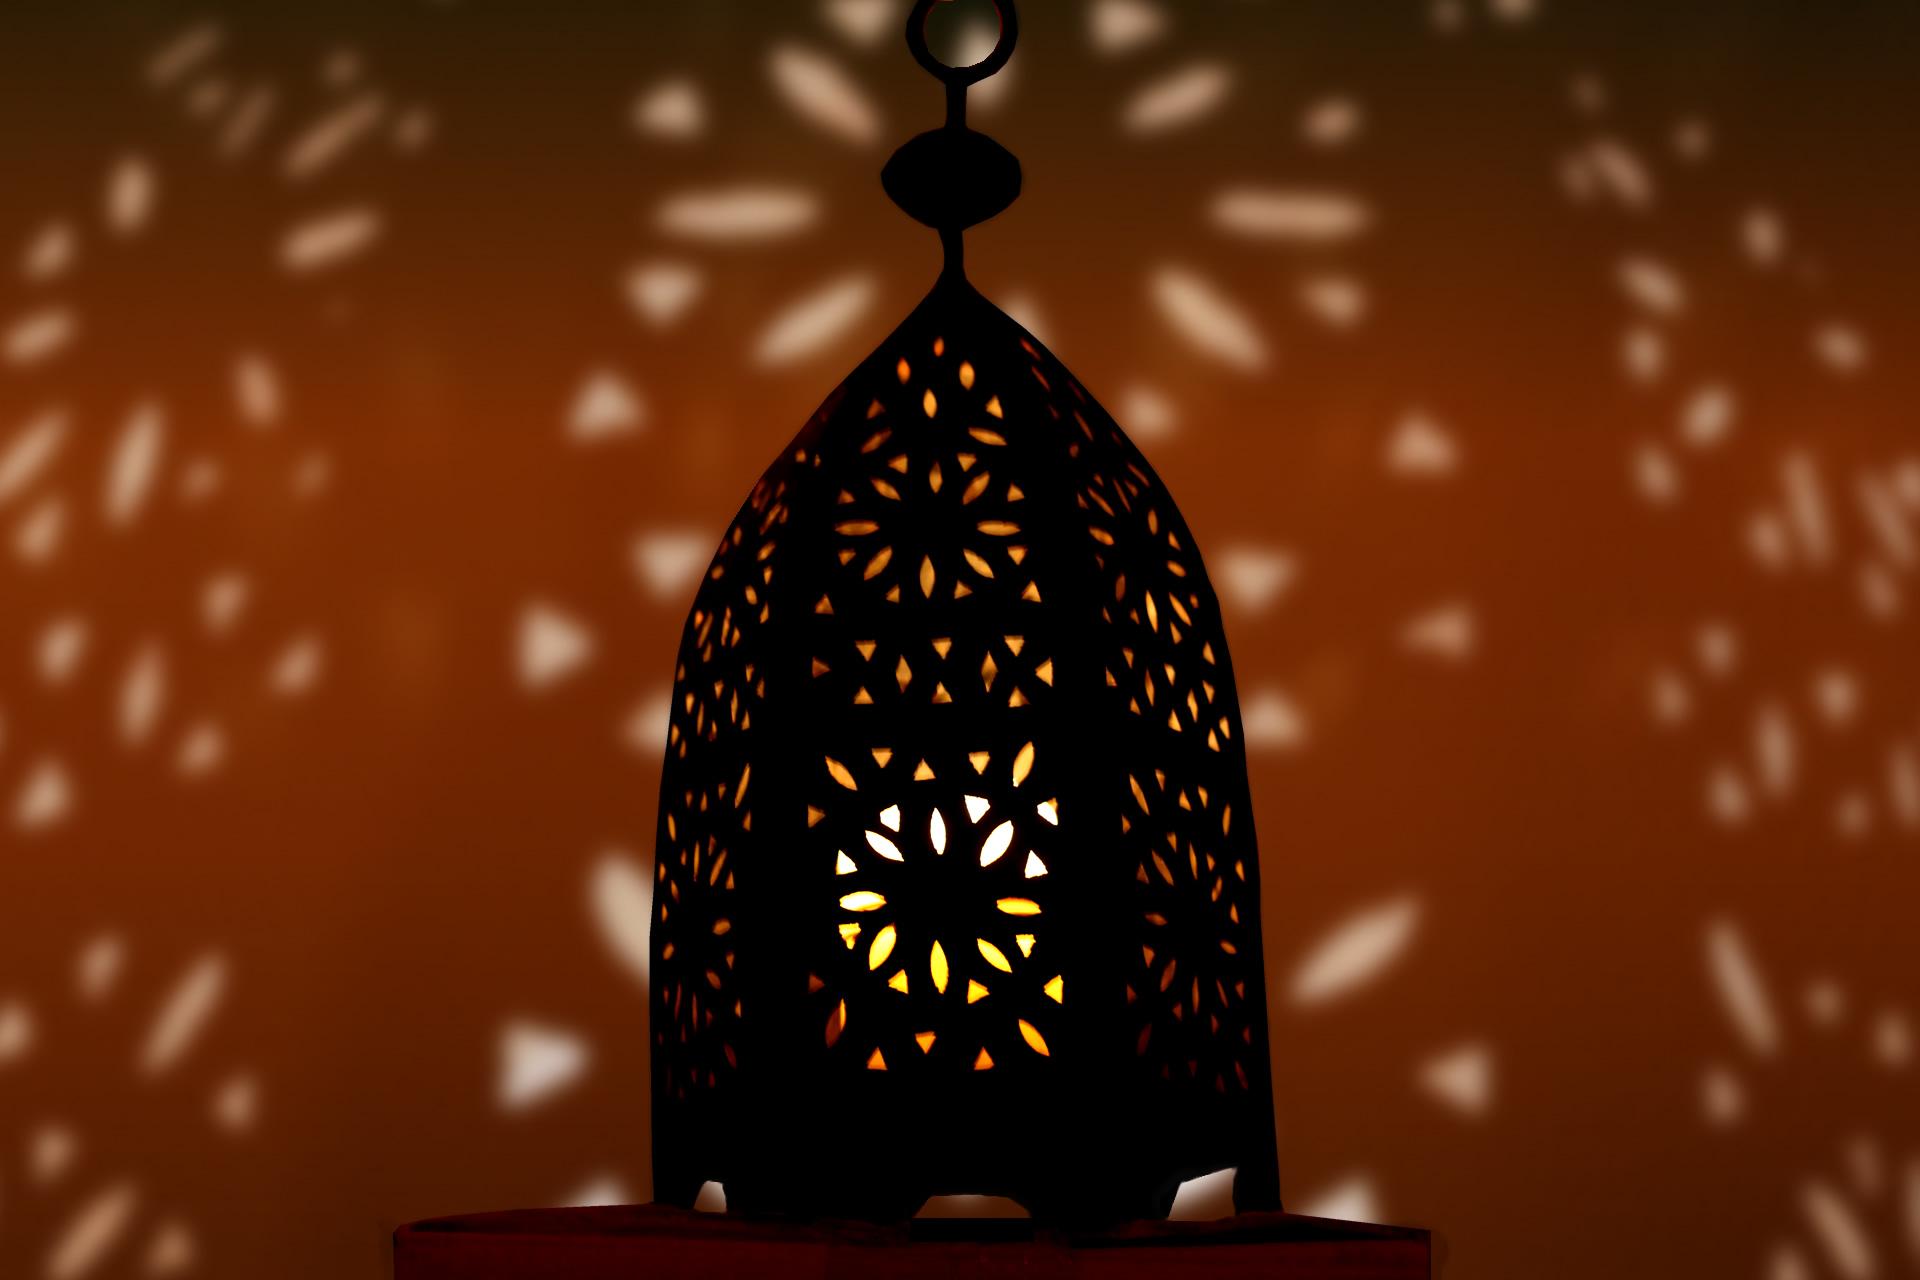 Windlicht aus Marrakesch